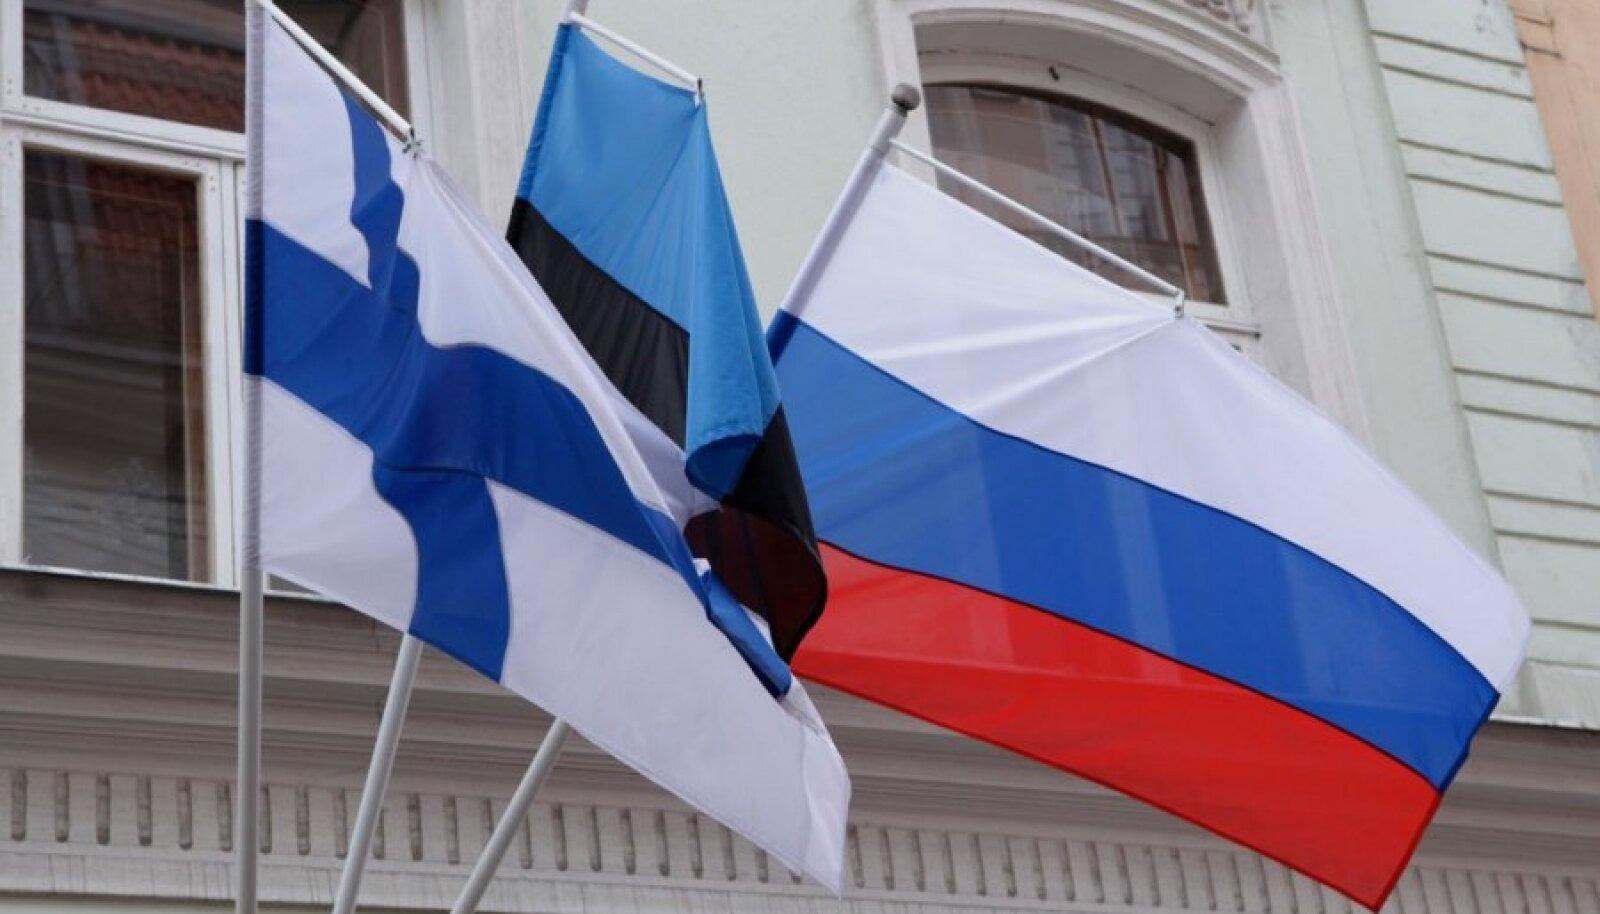 Soomes elab välismaalastest enim Eesti ja Vene kodanikke